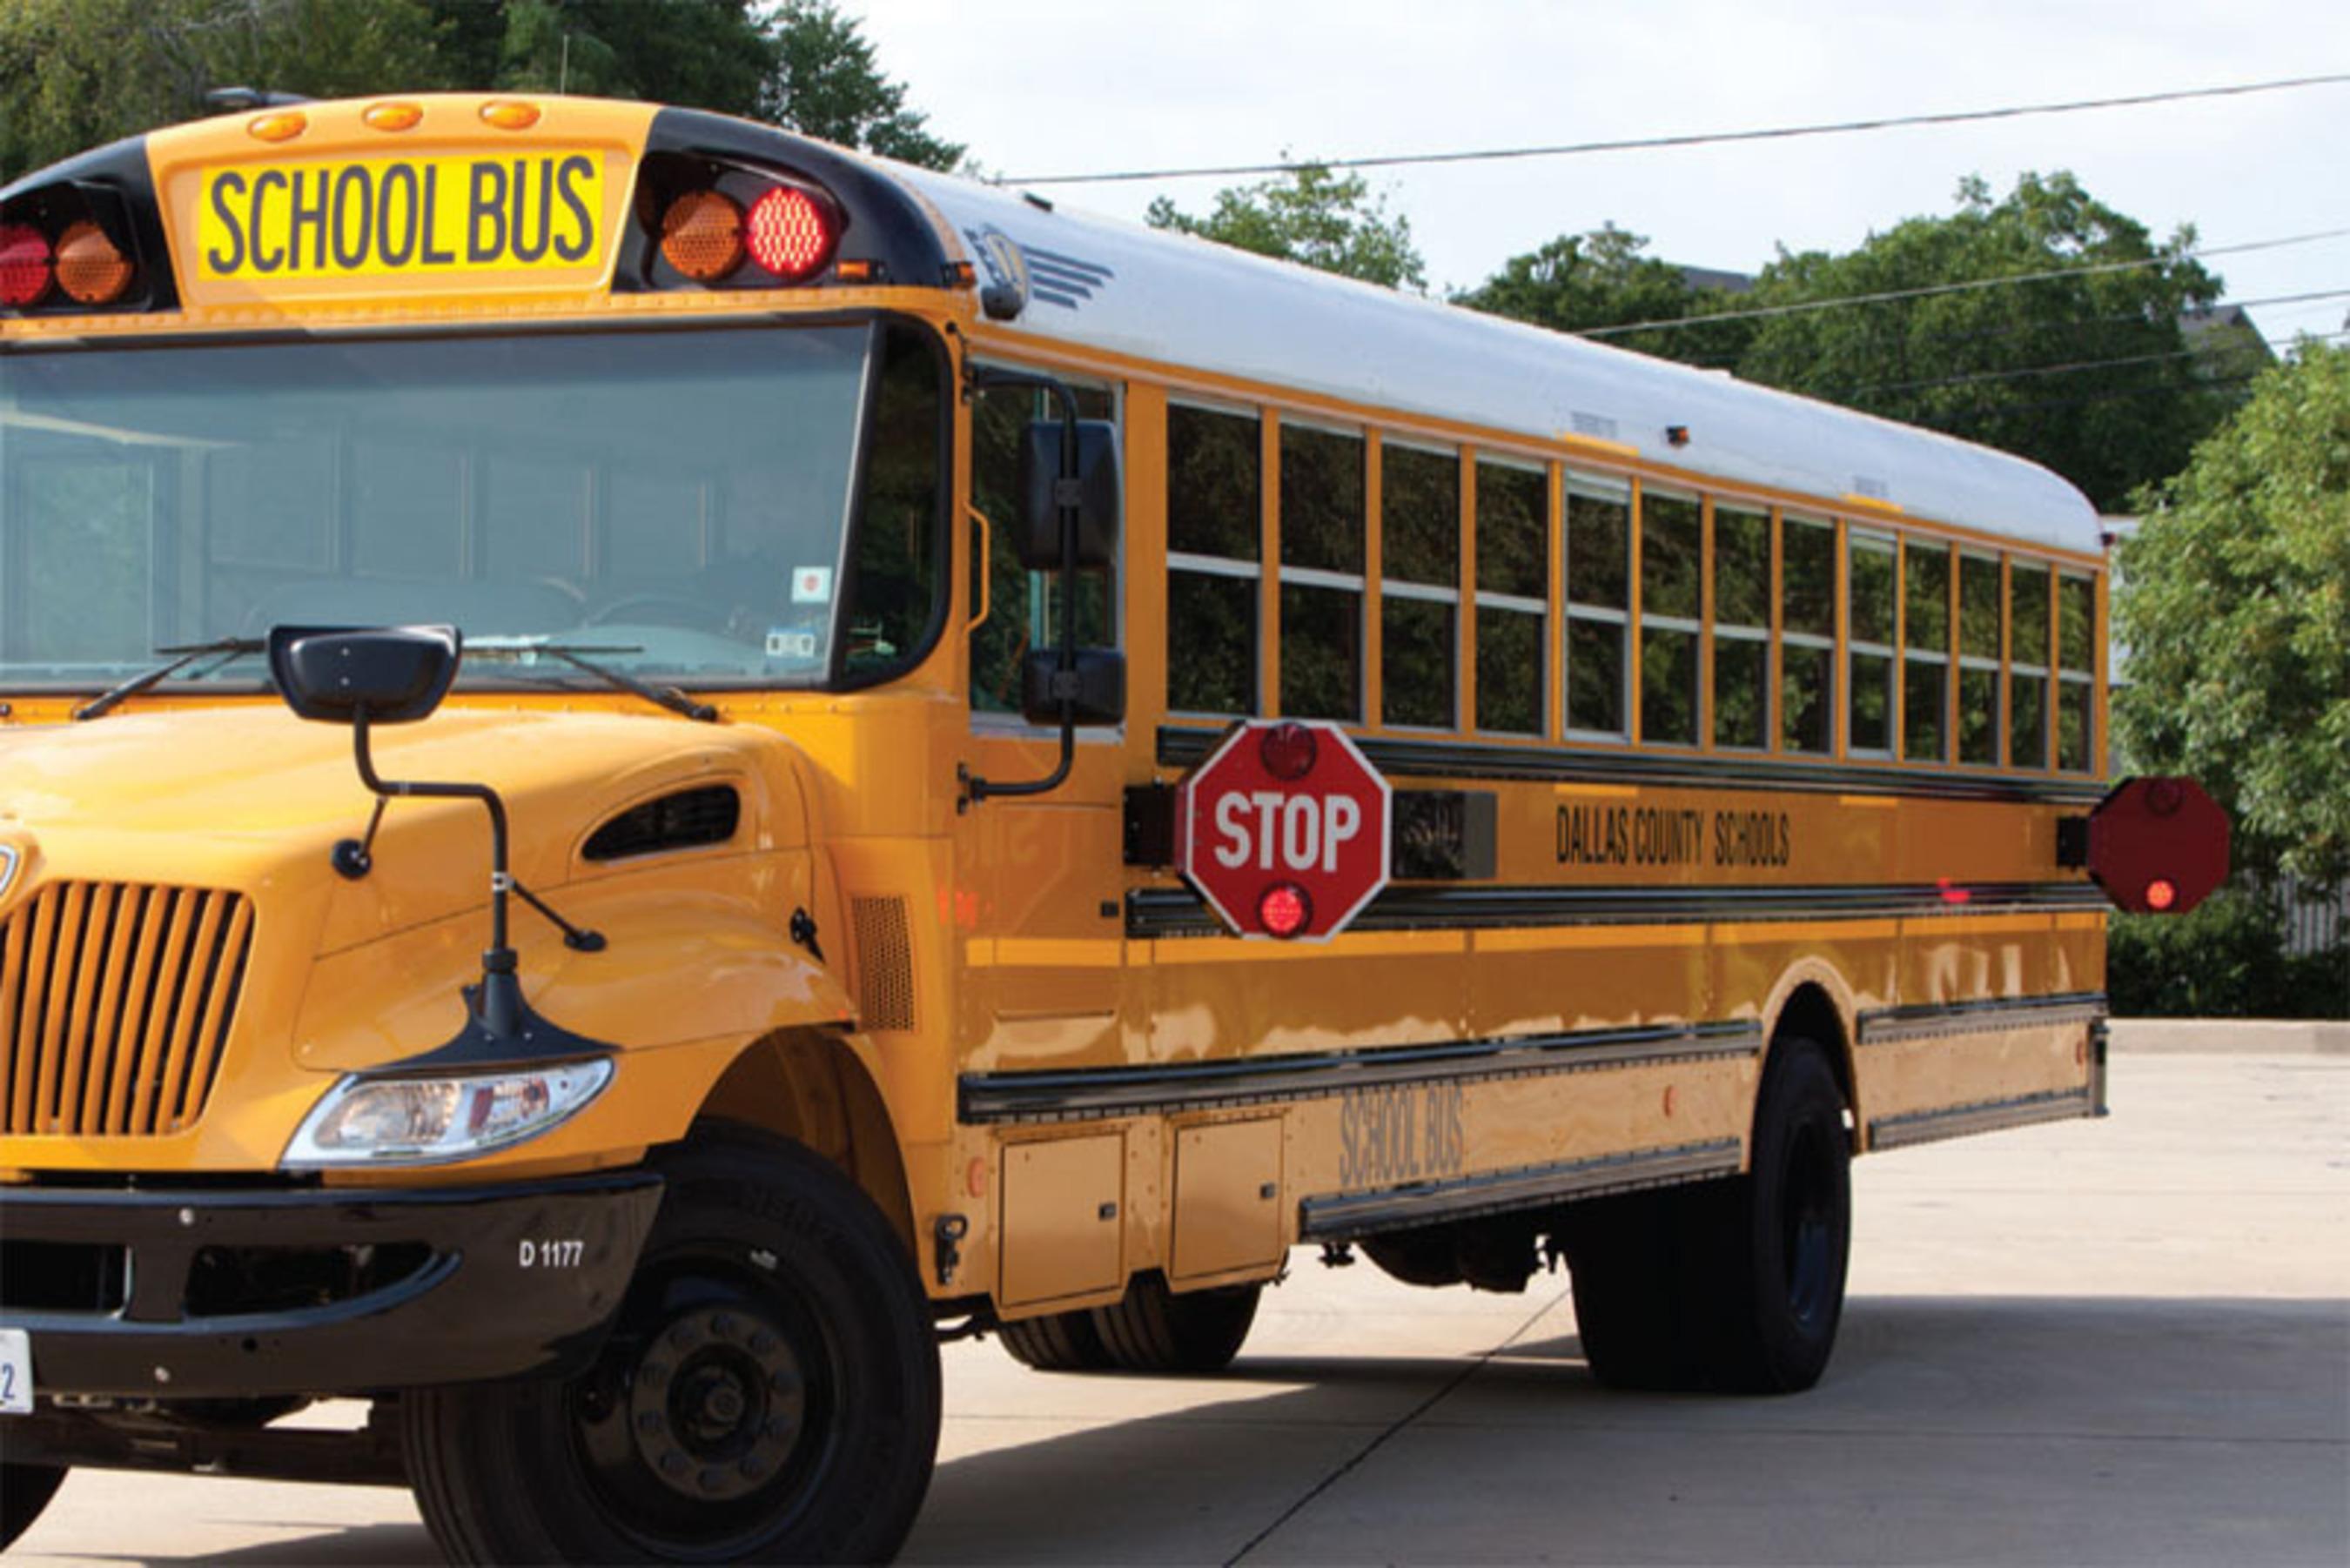 Dallas County Schools School Bus. (PRNewsFoto/Dallas County Schools) (PRNewsFoto/DALLAS COUNTY SCHOOLS)